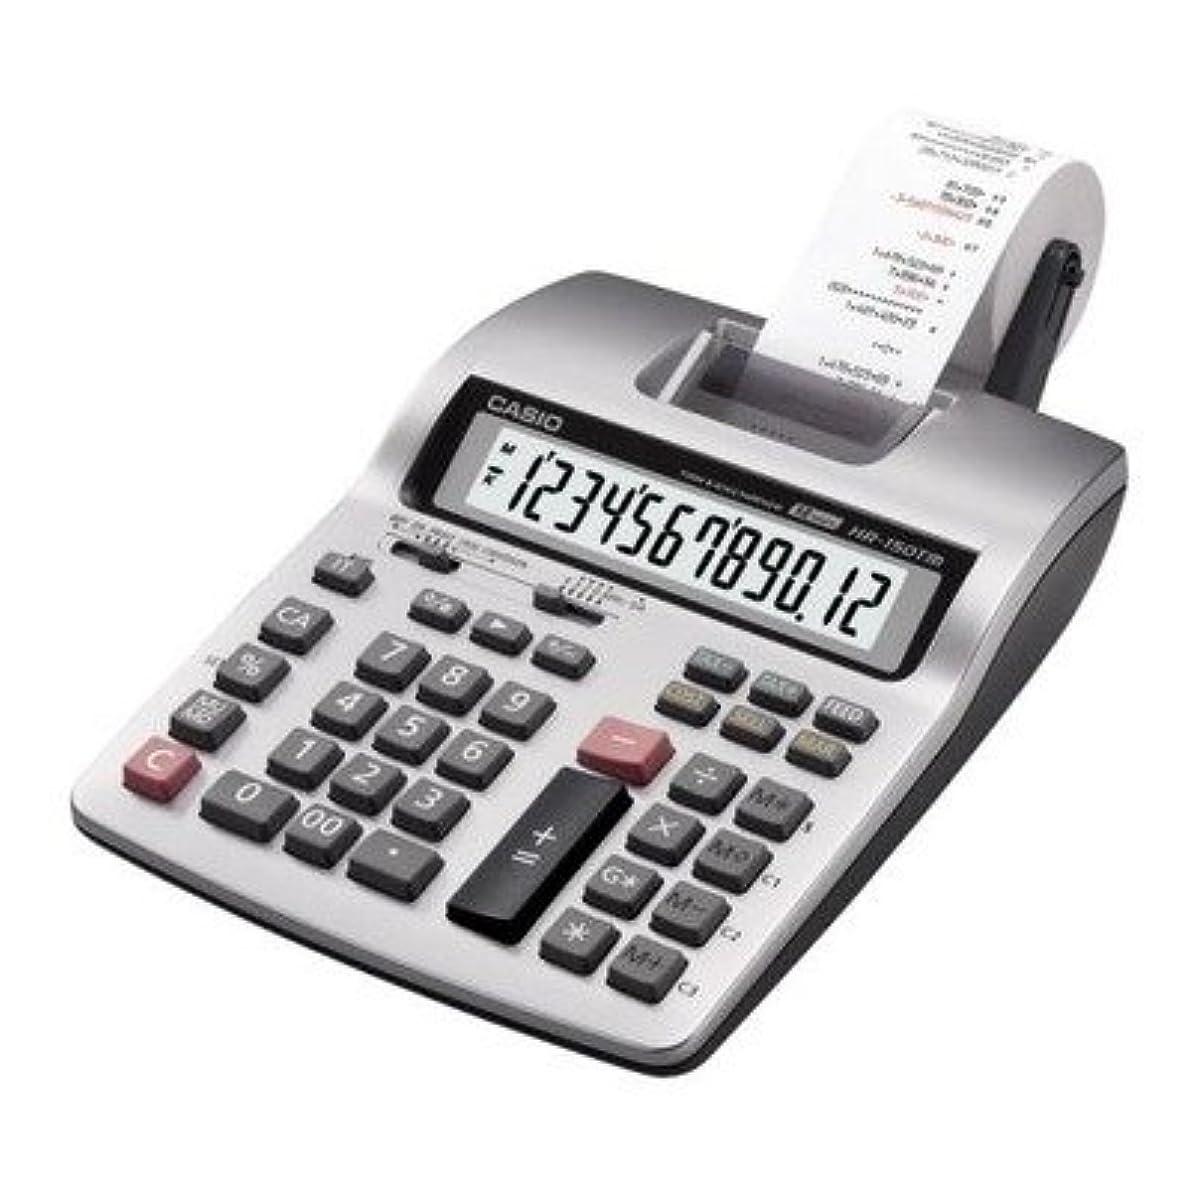 ディンカルビル影響力のある元気なcsohr150tmplus?–?印刷電卓、12桁、6?–?1?/ 3?x 10?–?5?/ 8?x 2?–?1?/ 2、LGY